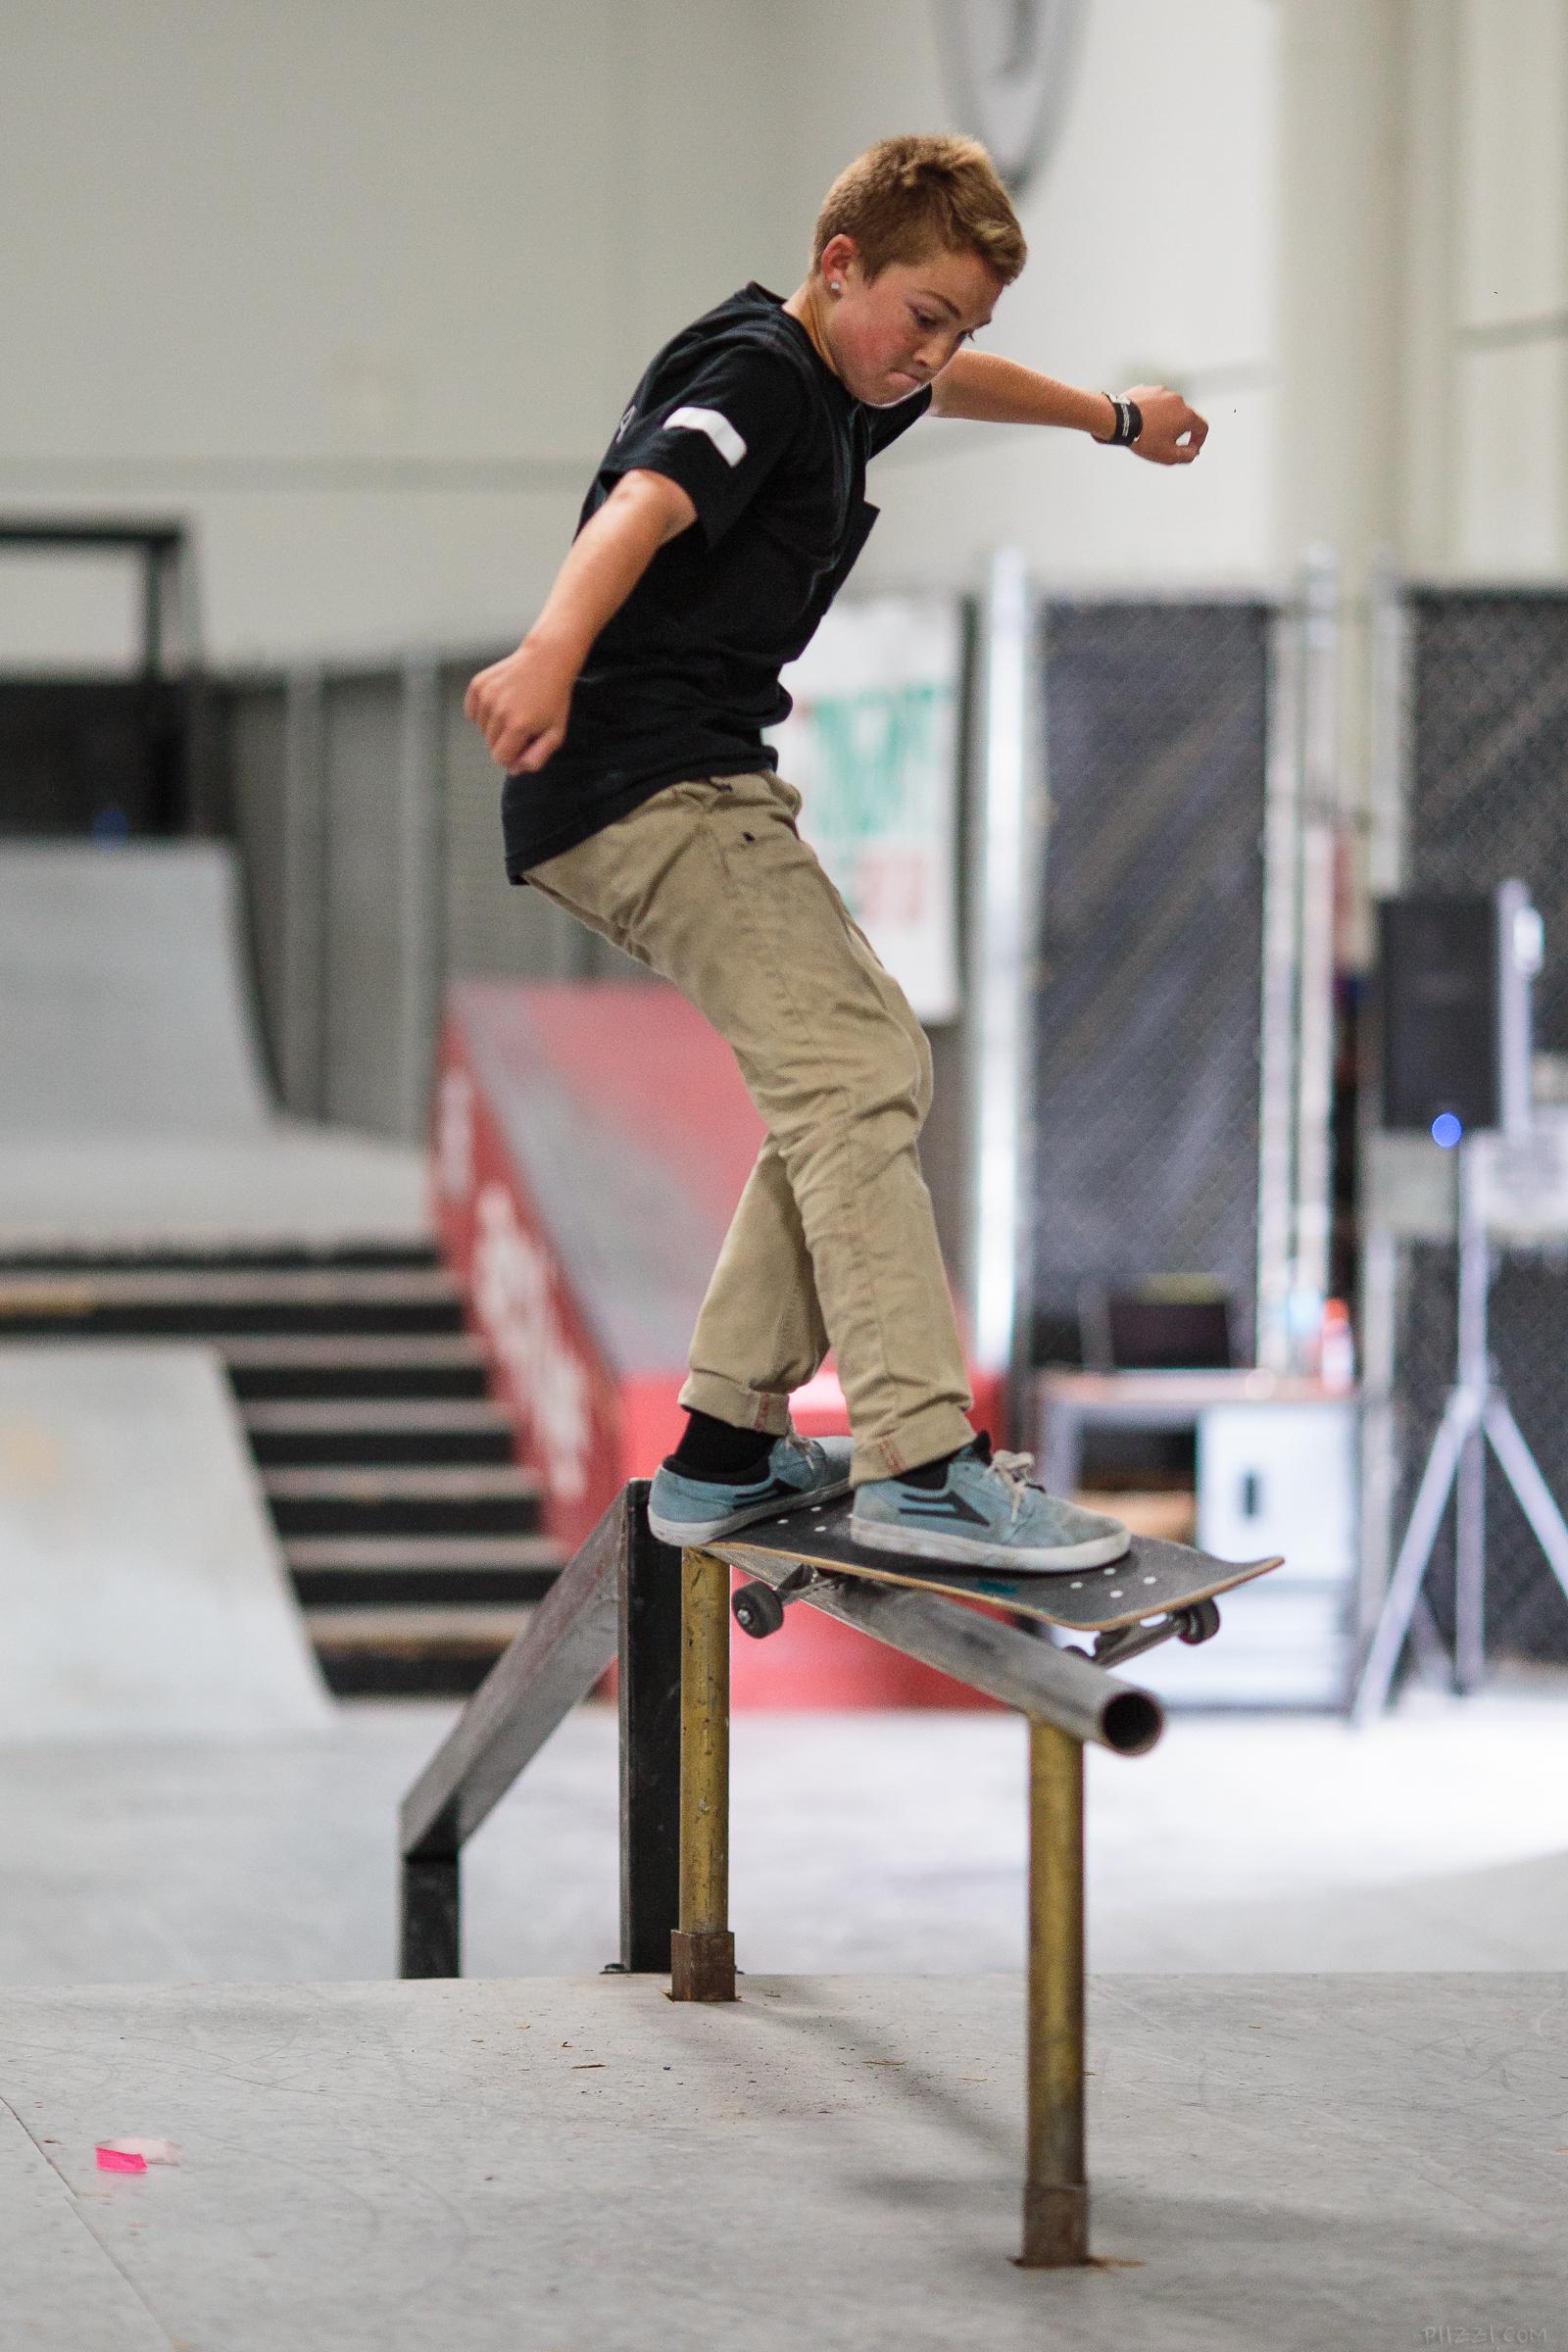 skate_rail_fsfeeble_dylan.jpg